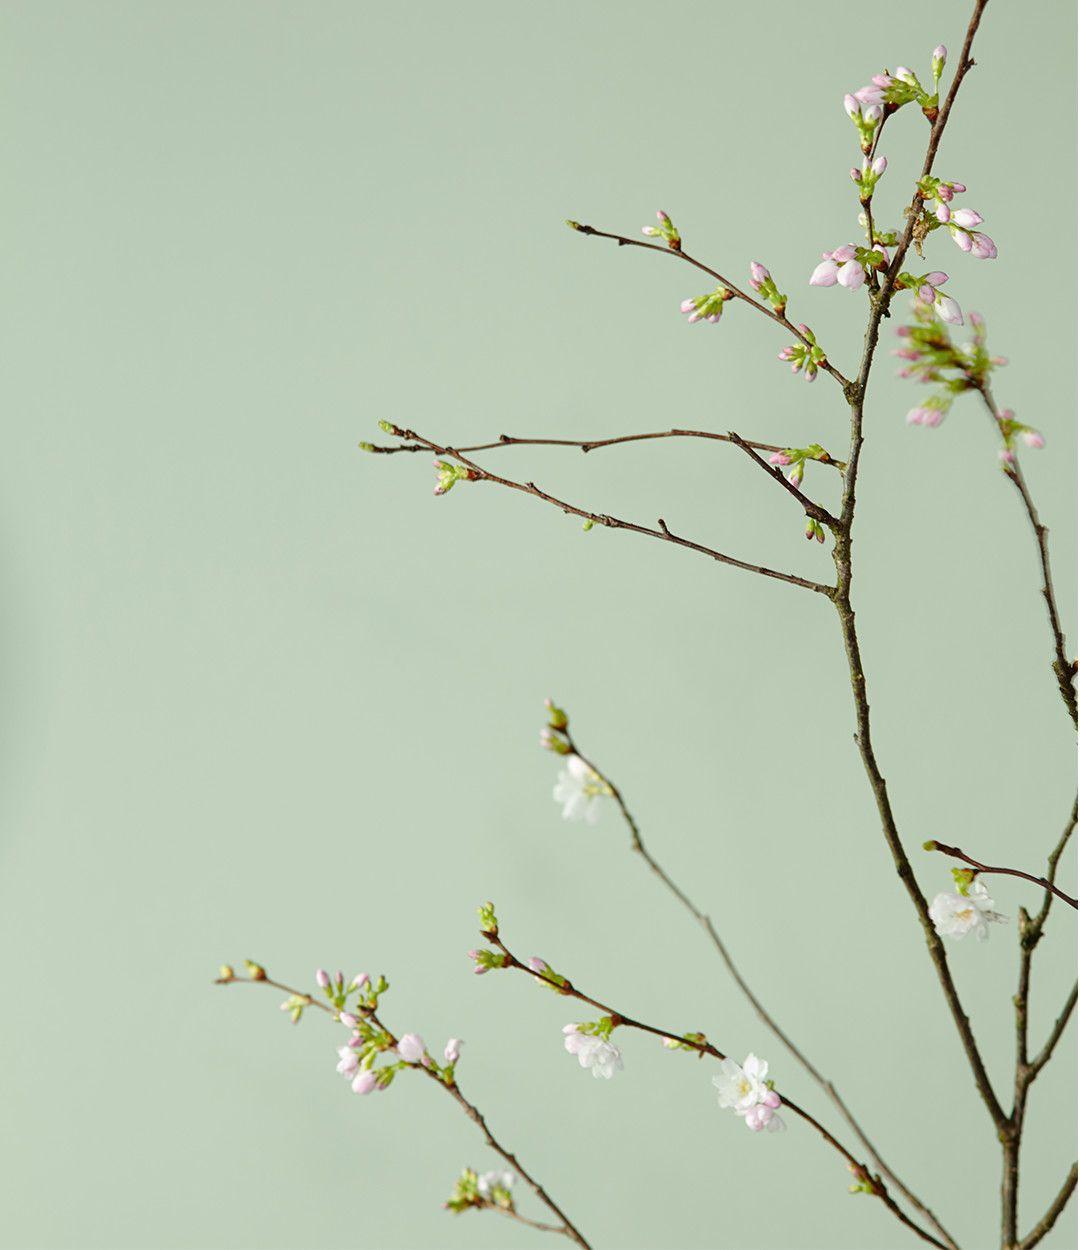 Die Farbe Grün Lässt Räume Aufblühen: Wohnzimmer, Badezimmer Oder Küchen  Wirken Mit Grün Nuancen In Der Raumgestaltung Erfrischend Ausgleichend.